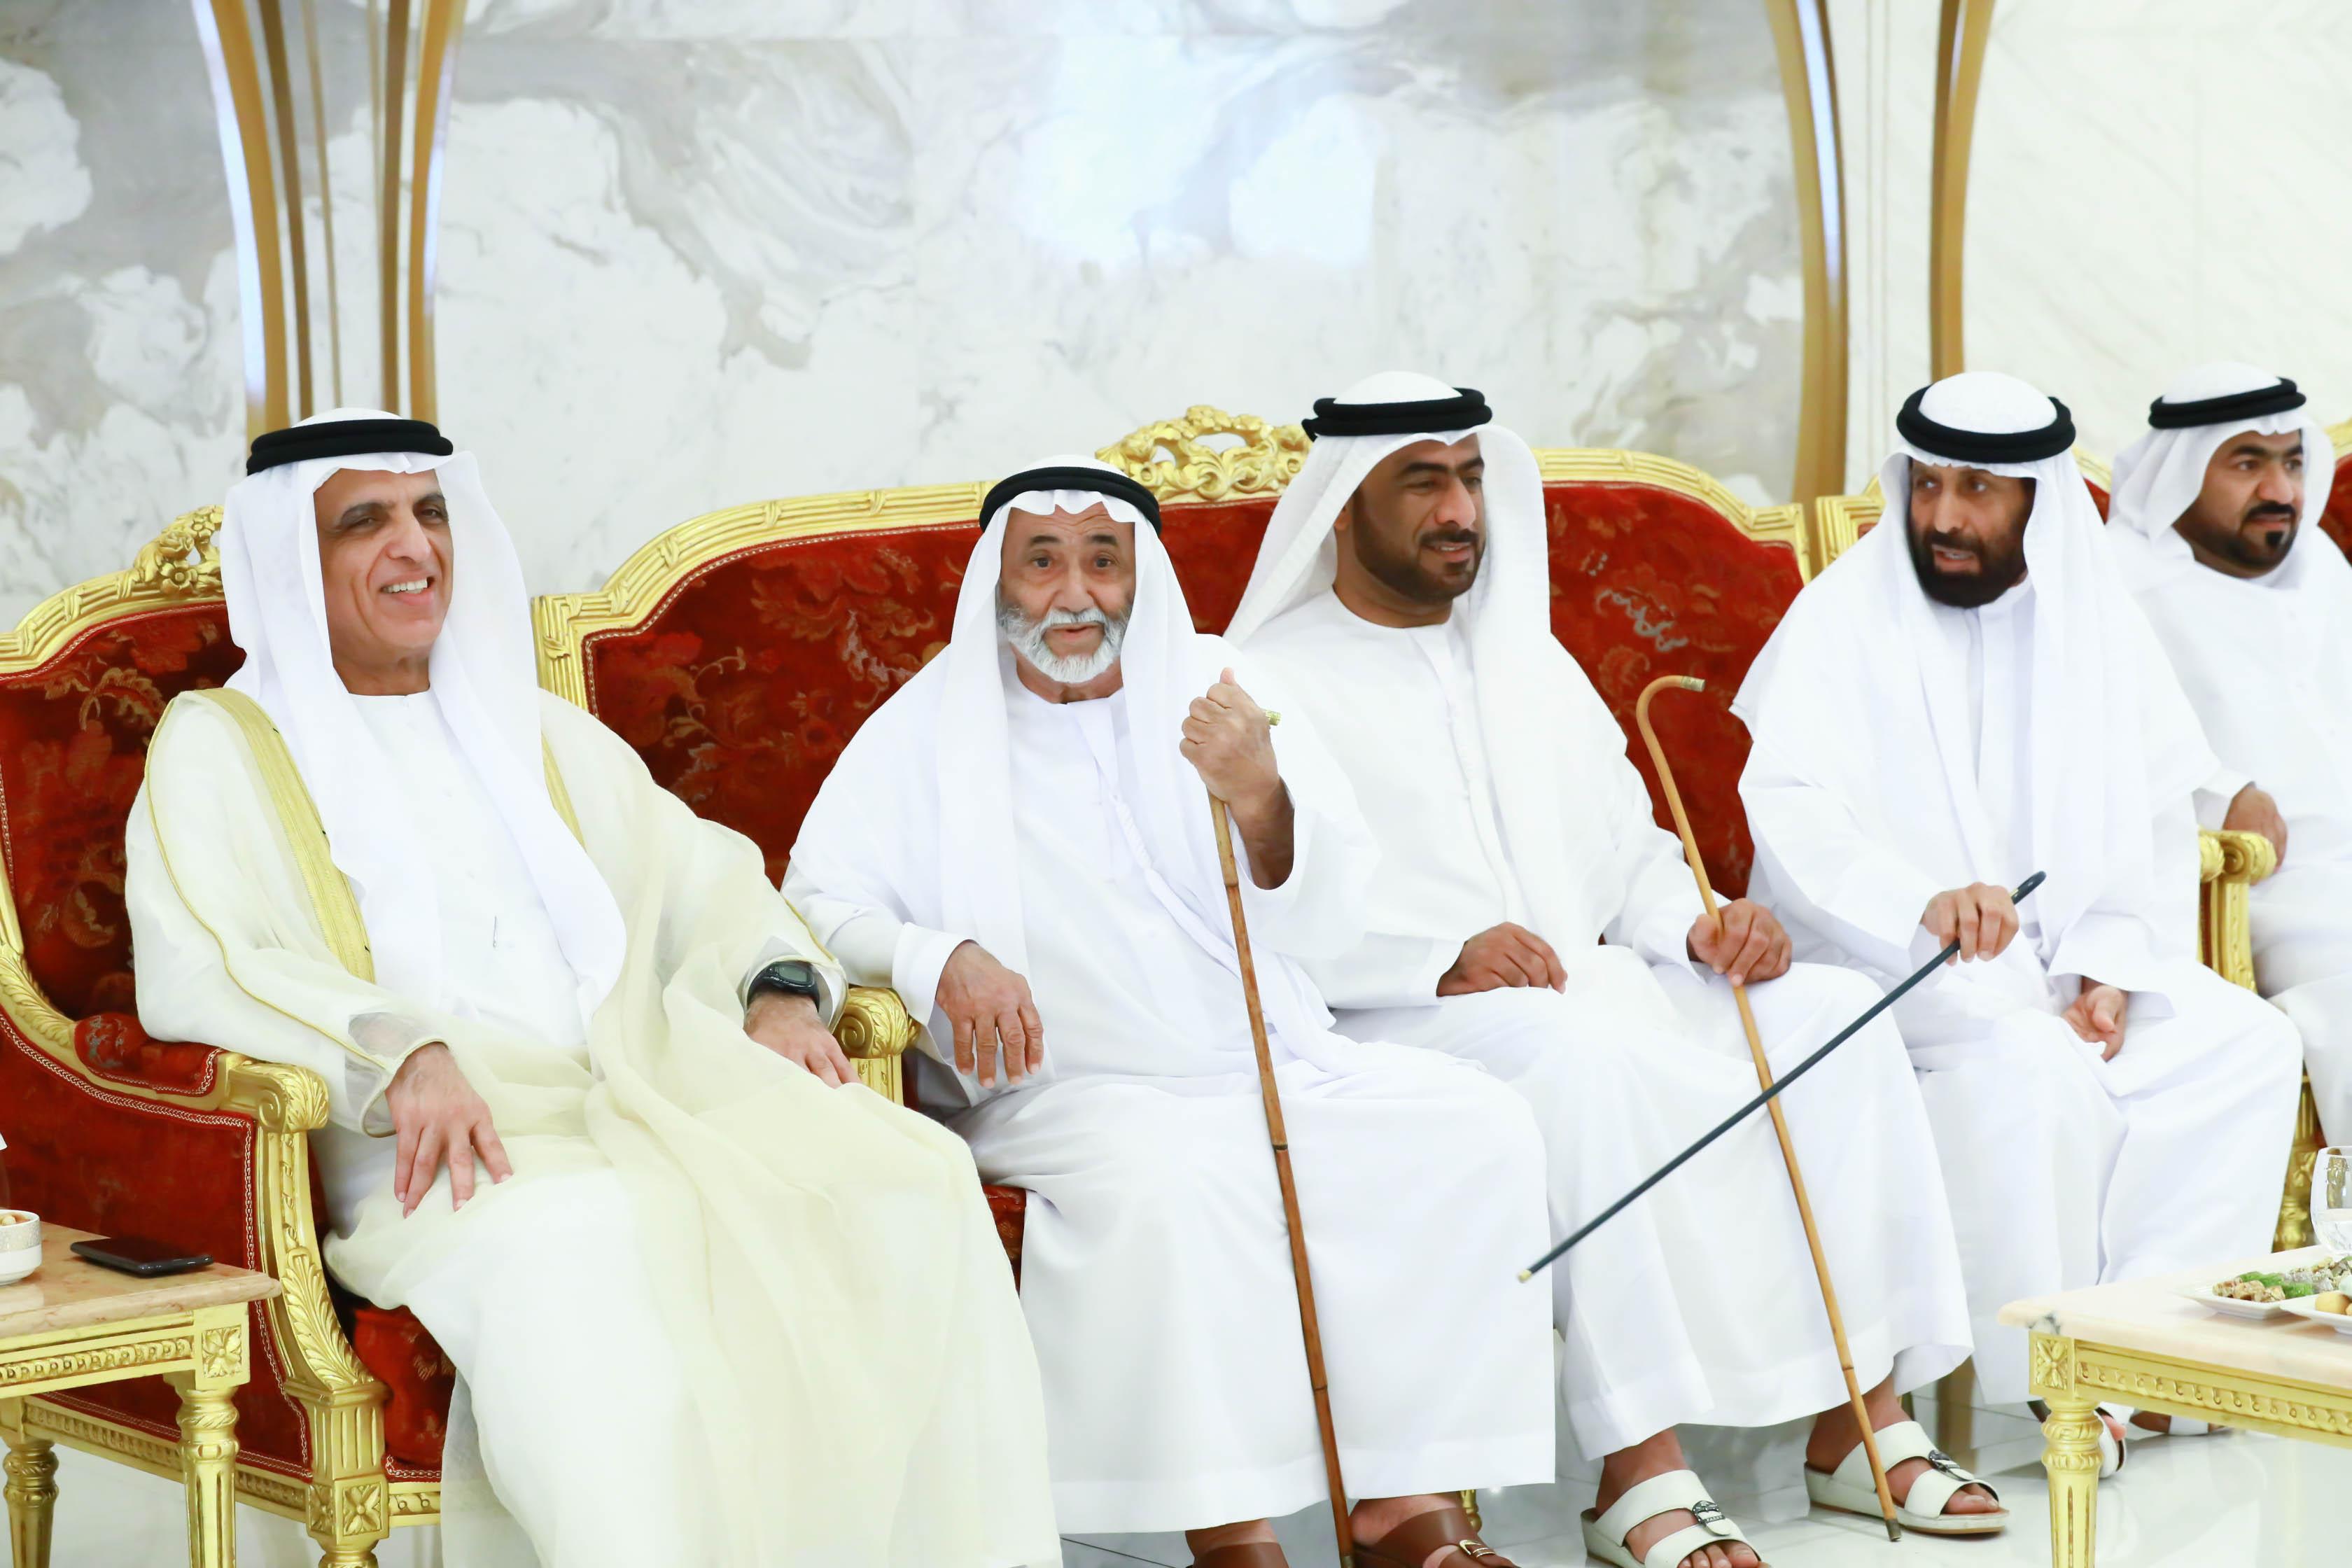 حاكم رأس الخيمة يواصل استقبال المهنئين بالعيد